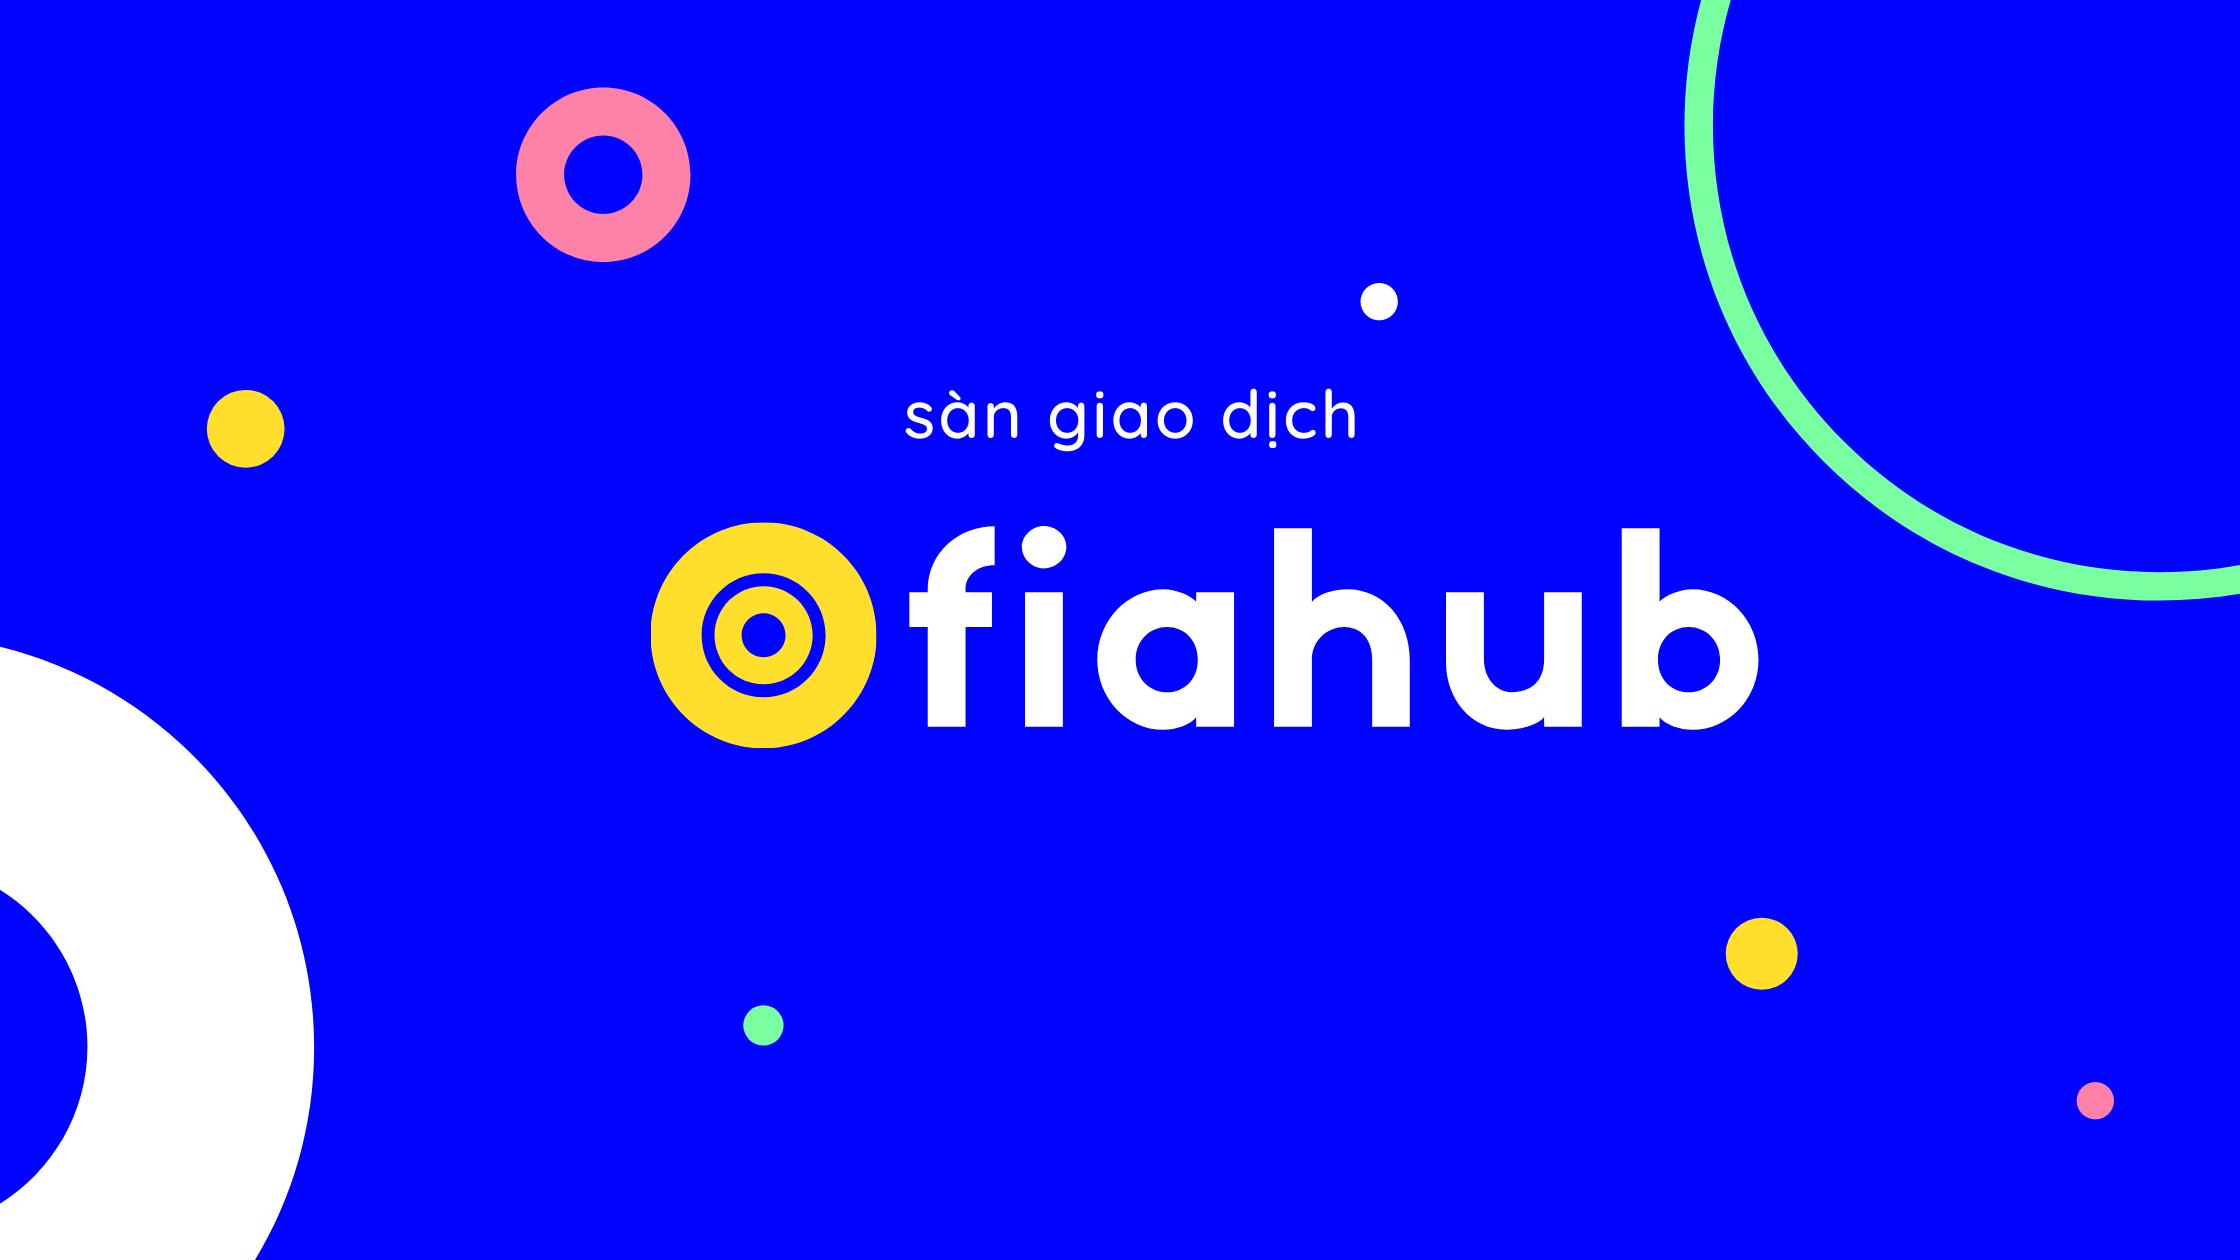 Sàn Fiahub là gì? Thông tin về sàn Fiahub